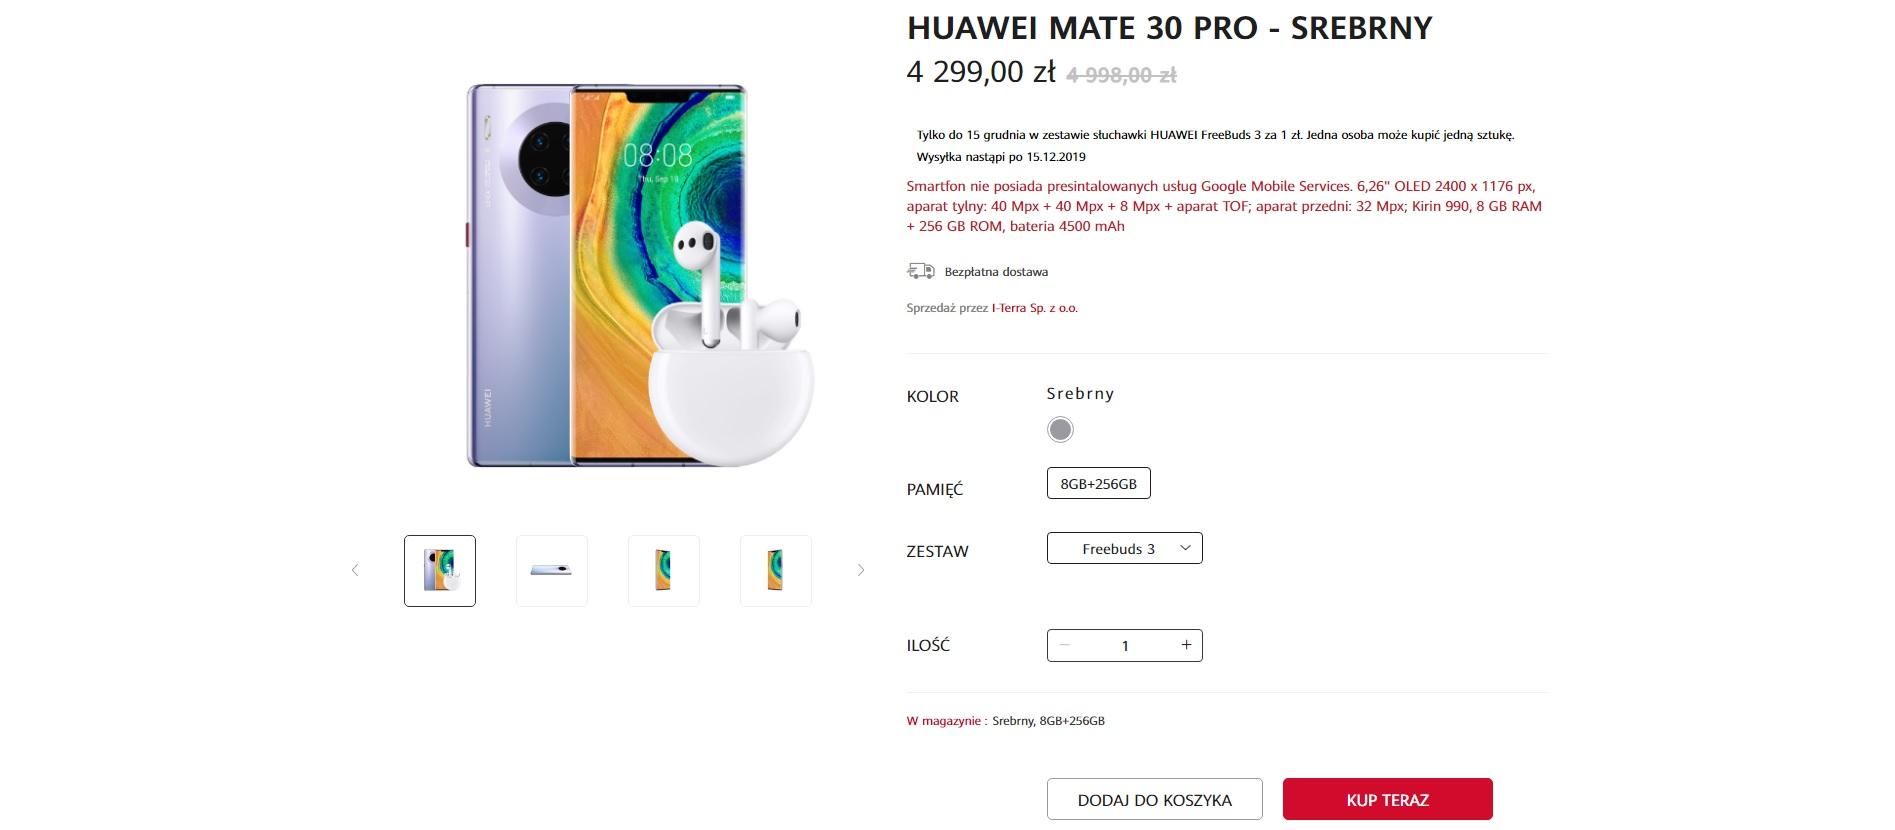 smartfon Huawei Mate 30 Pro przedsprzedaż Polska (źródło Huawei.pl)